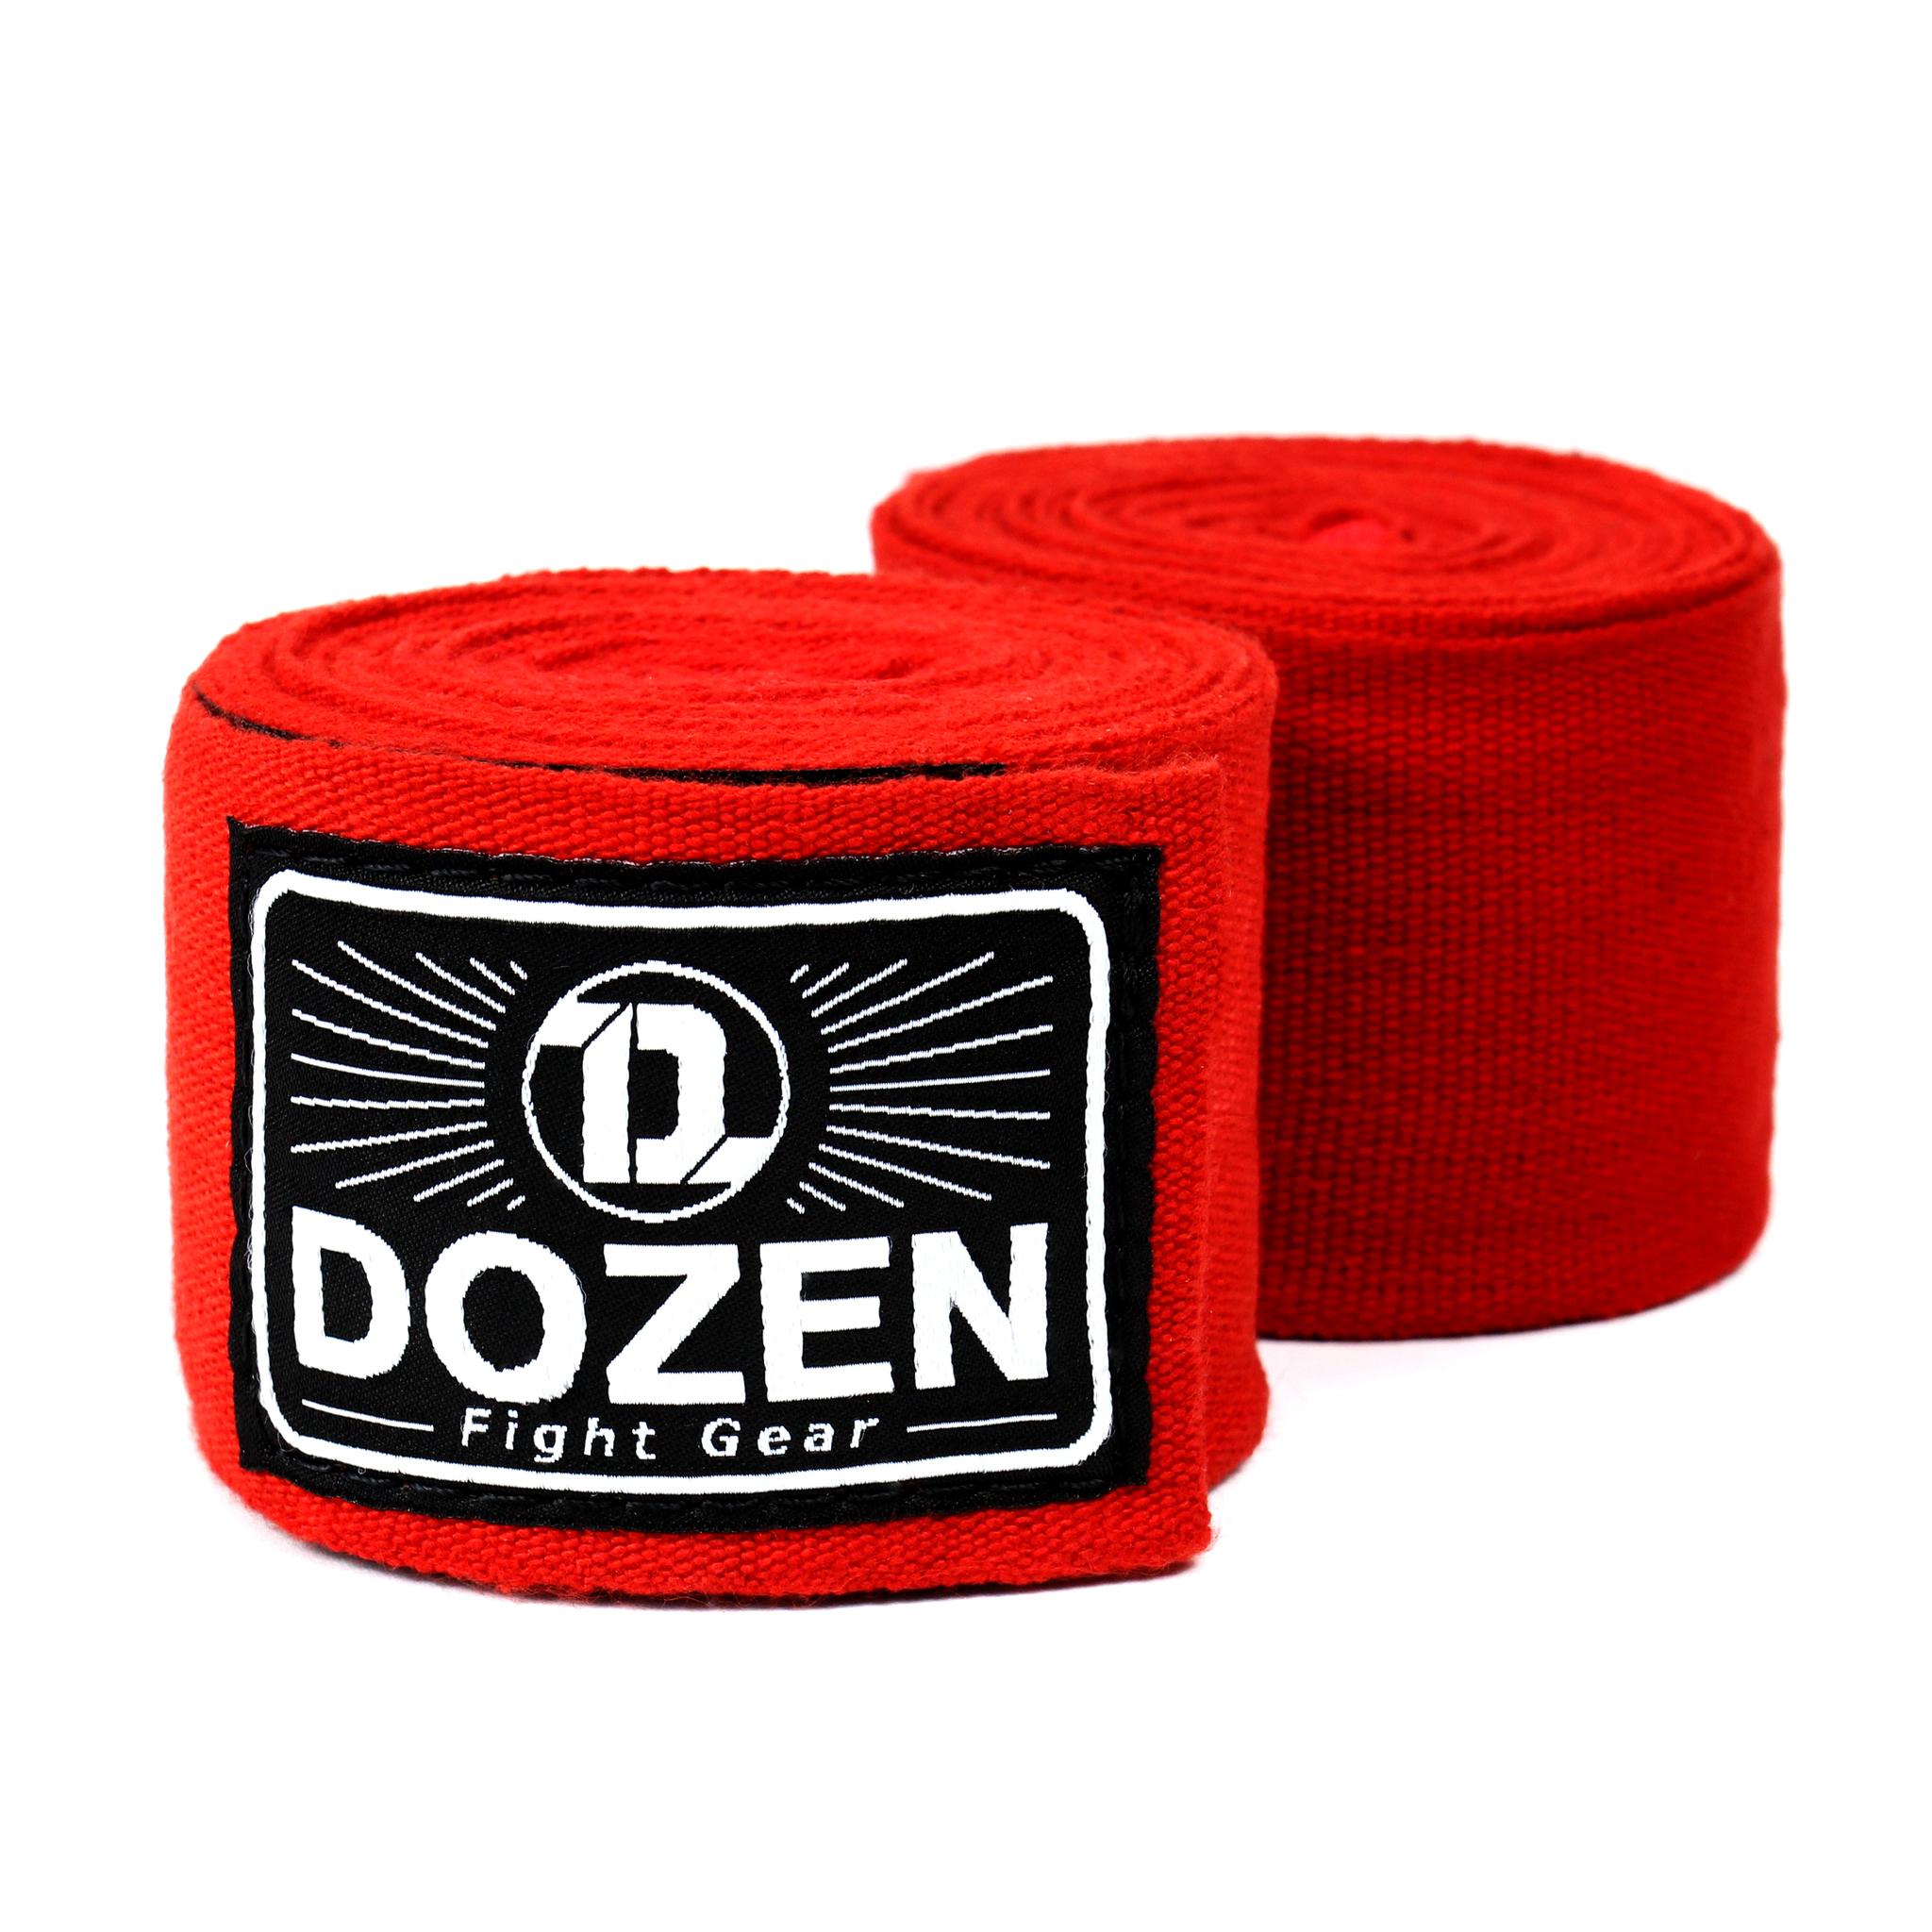 Бинты красные Dozen Monochrome Ultra-elastic главный вид